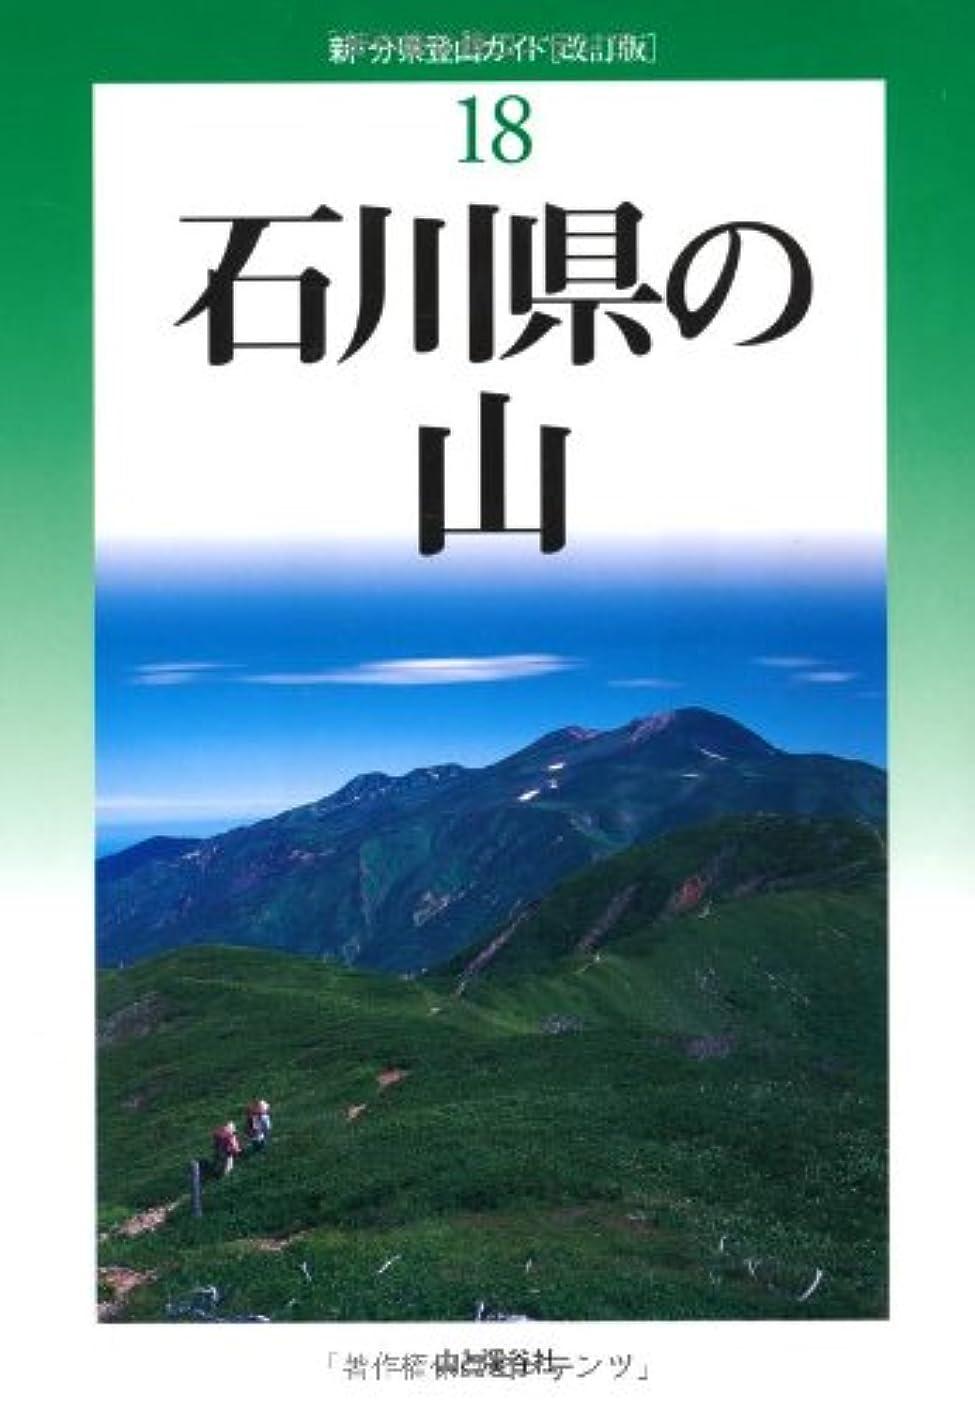 レオナルドダ支援悪い改訂版 石川県の山 (新?分県登山ガイド)